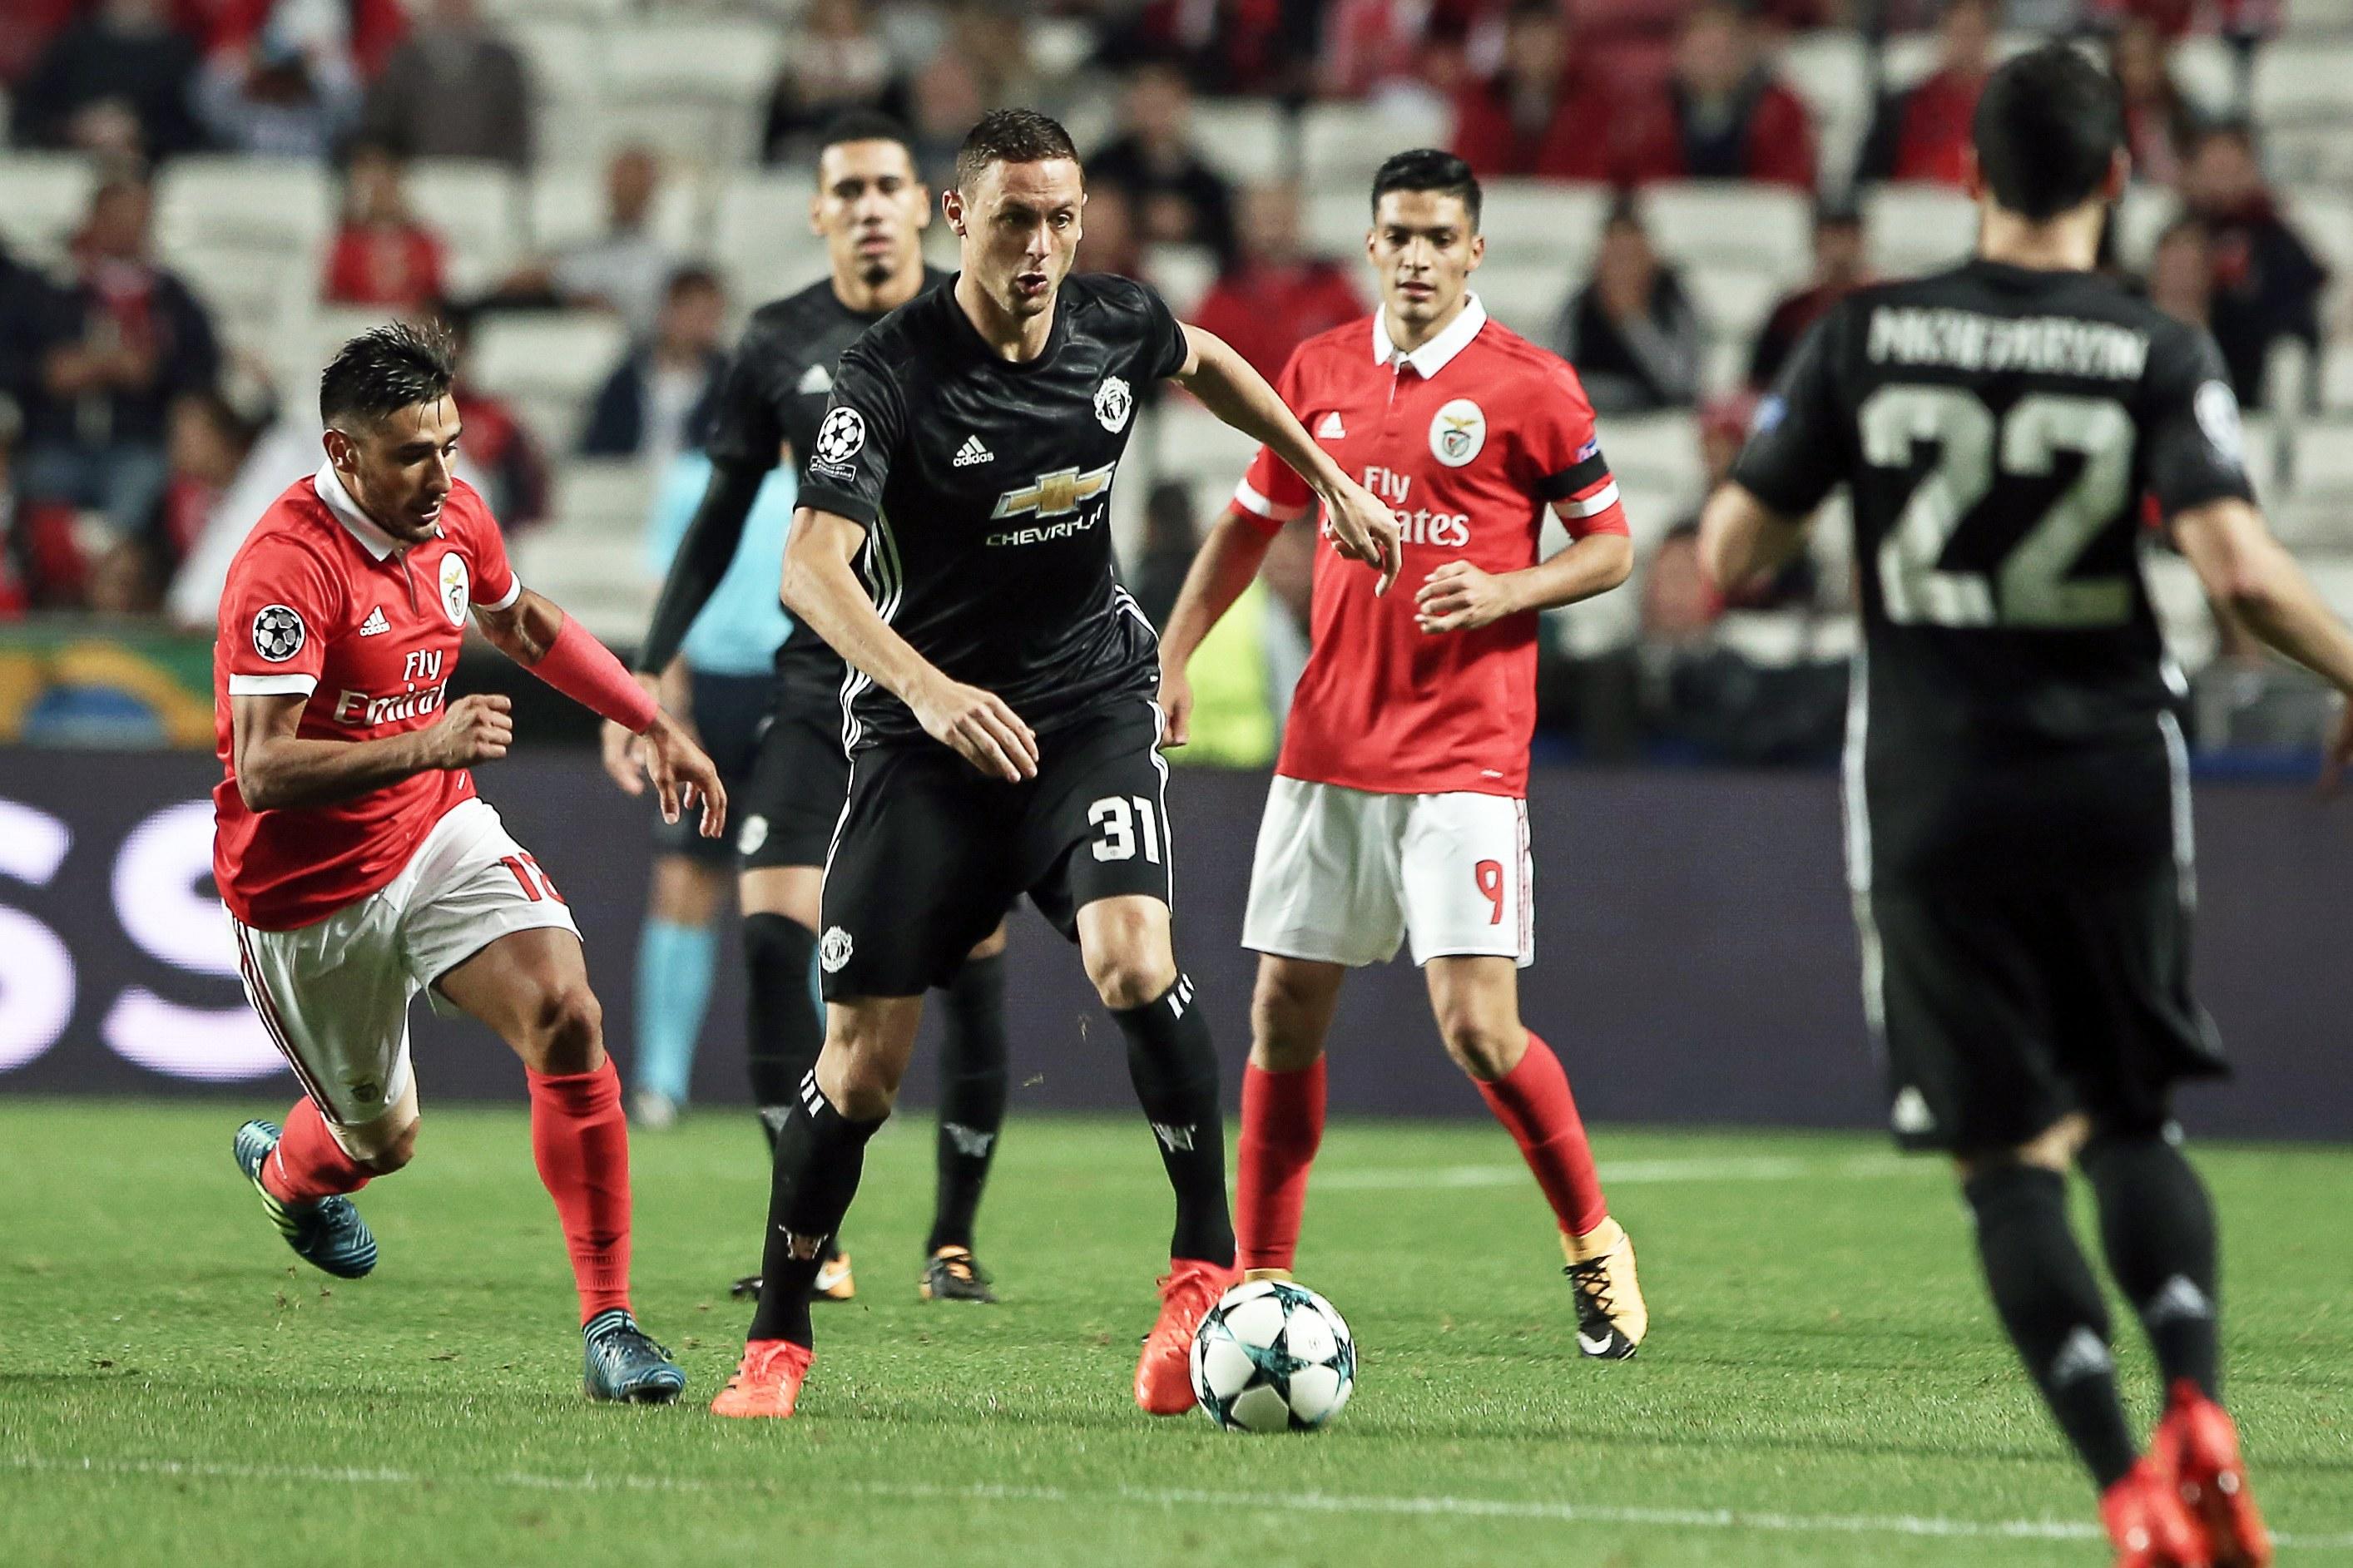 Noite europeia em revista: Derrotas 'normais' dos portugueses. 'Barça', PSG e United praticamente apurados